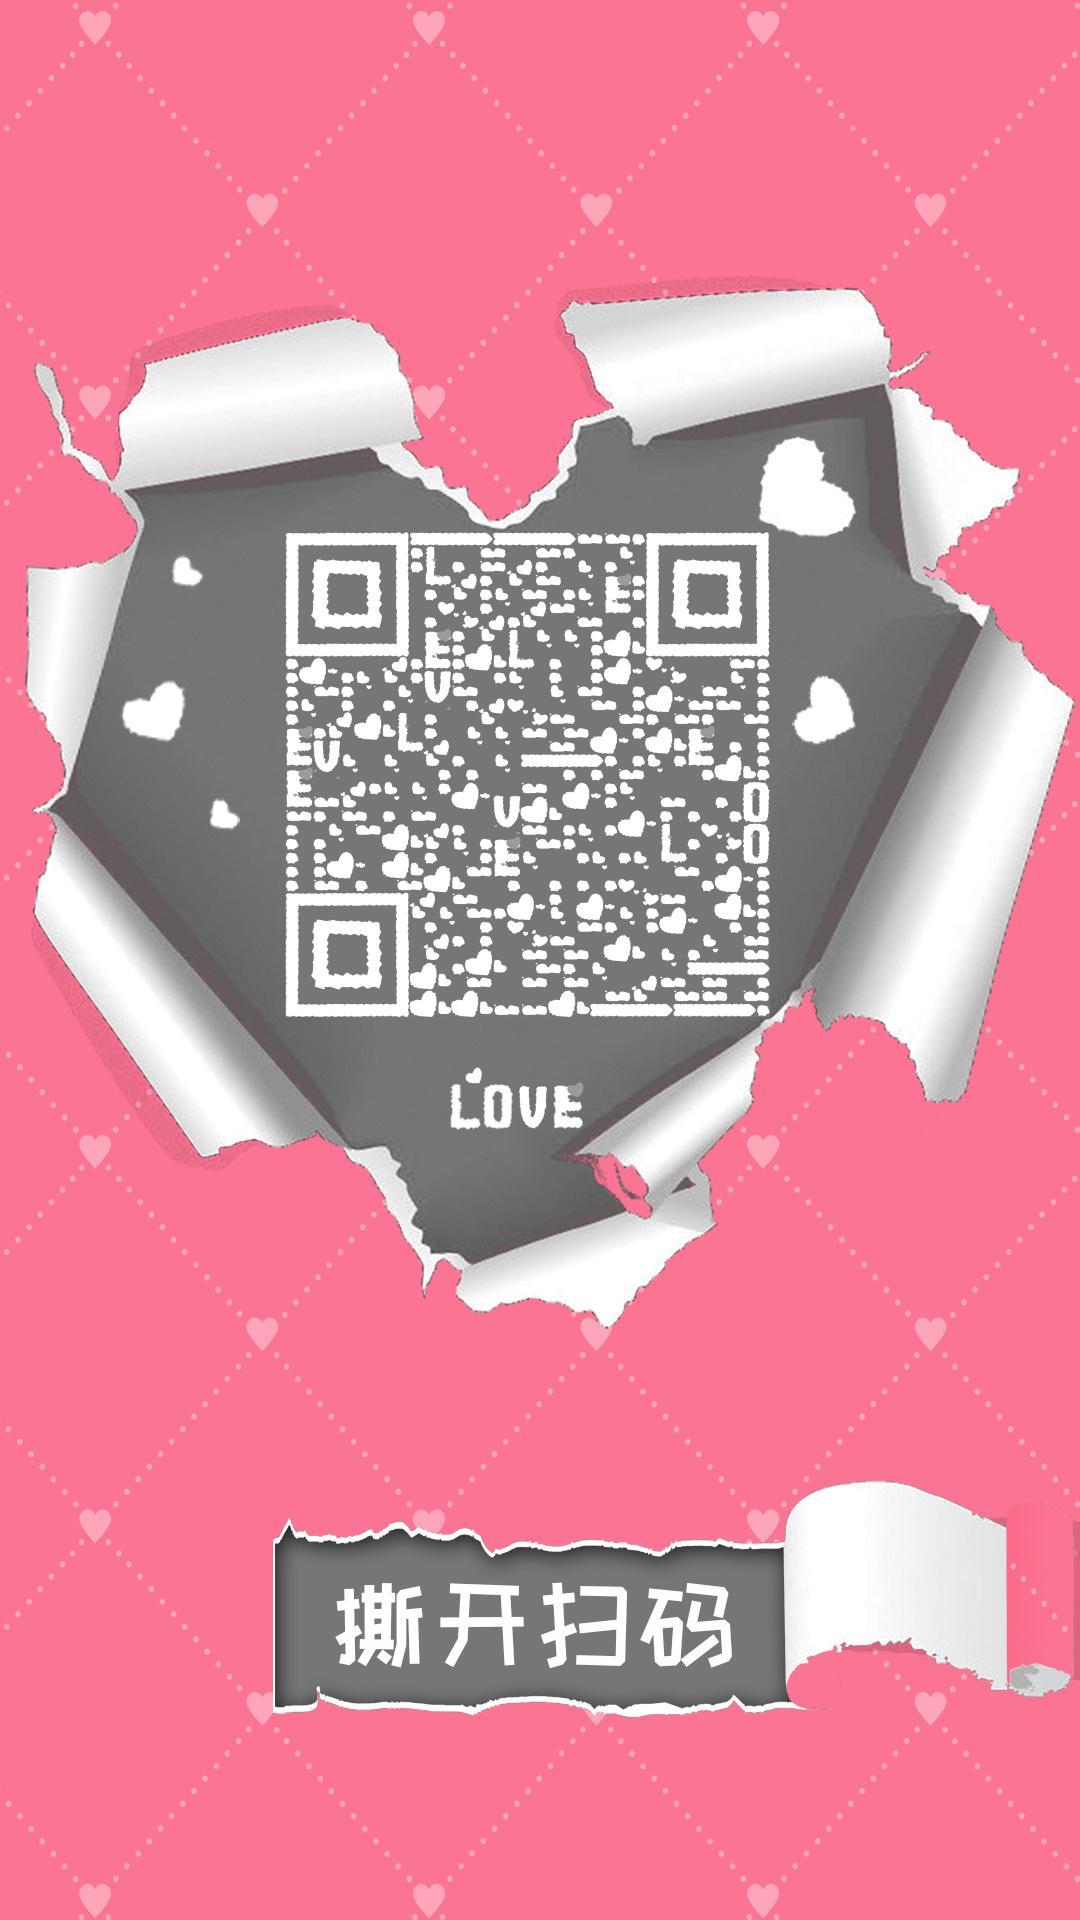 爱心撕纸 艺术二维码